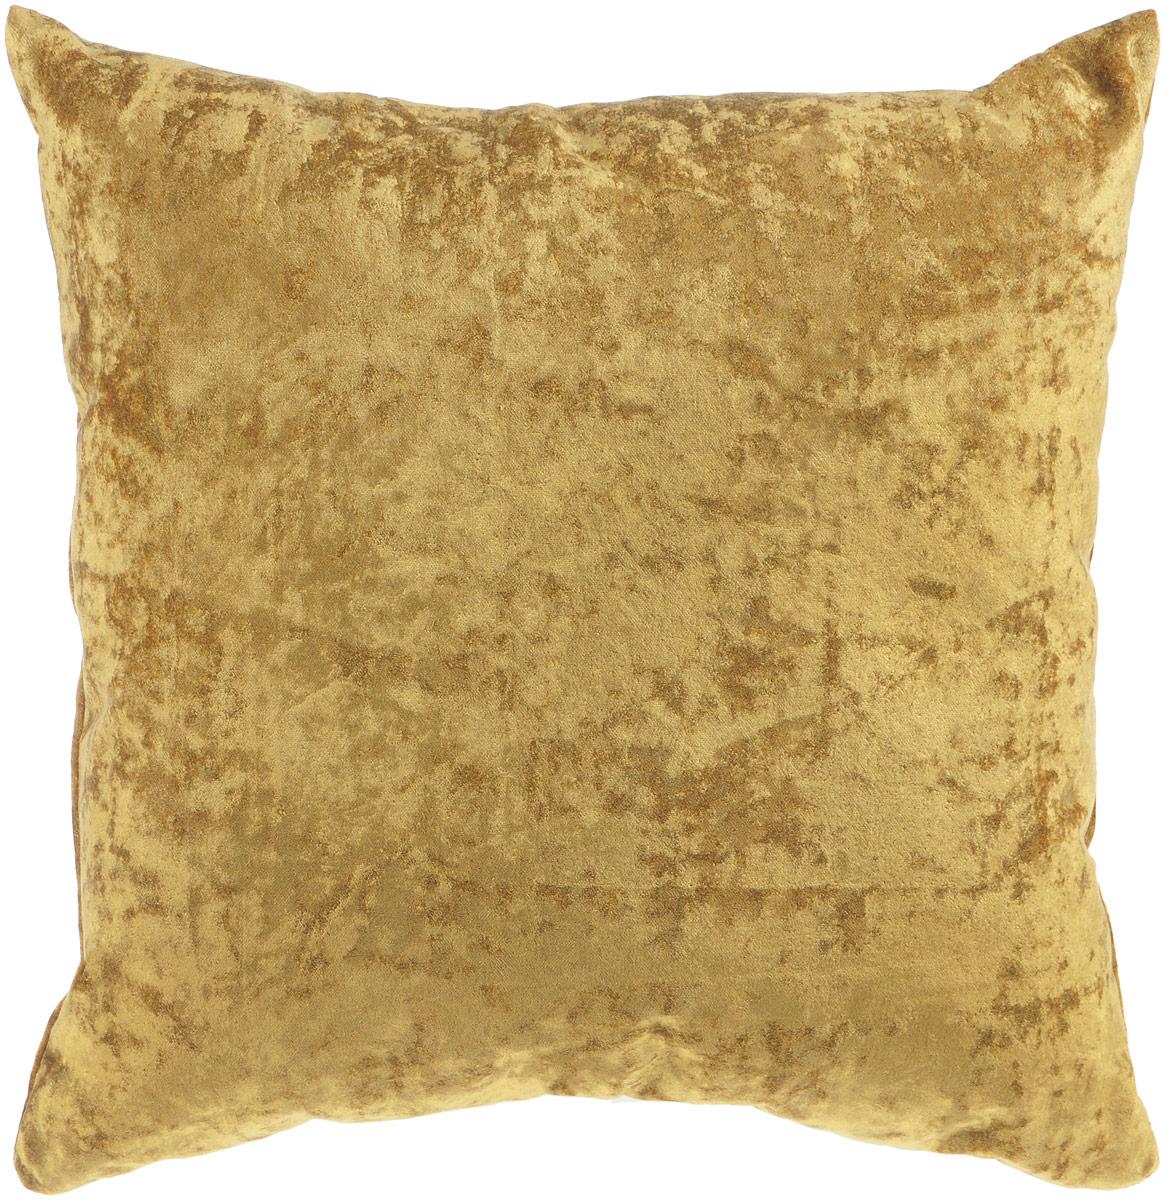 Подушка декоративная KauffOrt Бархат, цвет: горчичный, 40 x 40 см3121039654Декоративная подушка Бархат прекрасно дополнит интерьер спальни или гостиной. Бархатистый на ощупь чехол подушки выполнен из 49% вискозы, 42% хлопка и 9% полиэстера. Внутри находится мягкий наполнитель. Чехол легко снимается благодаря потайной молнии. Красивая подушка создаст атмосферу уюта и комфорта в спальне и станет прекрасным элементом декора.